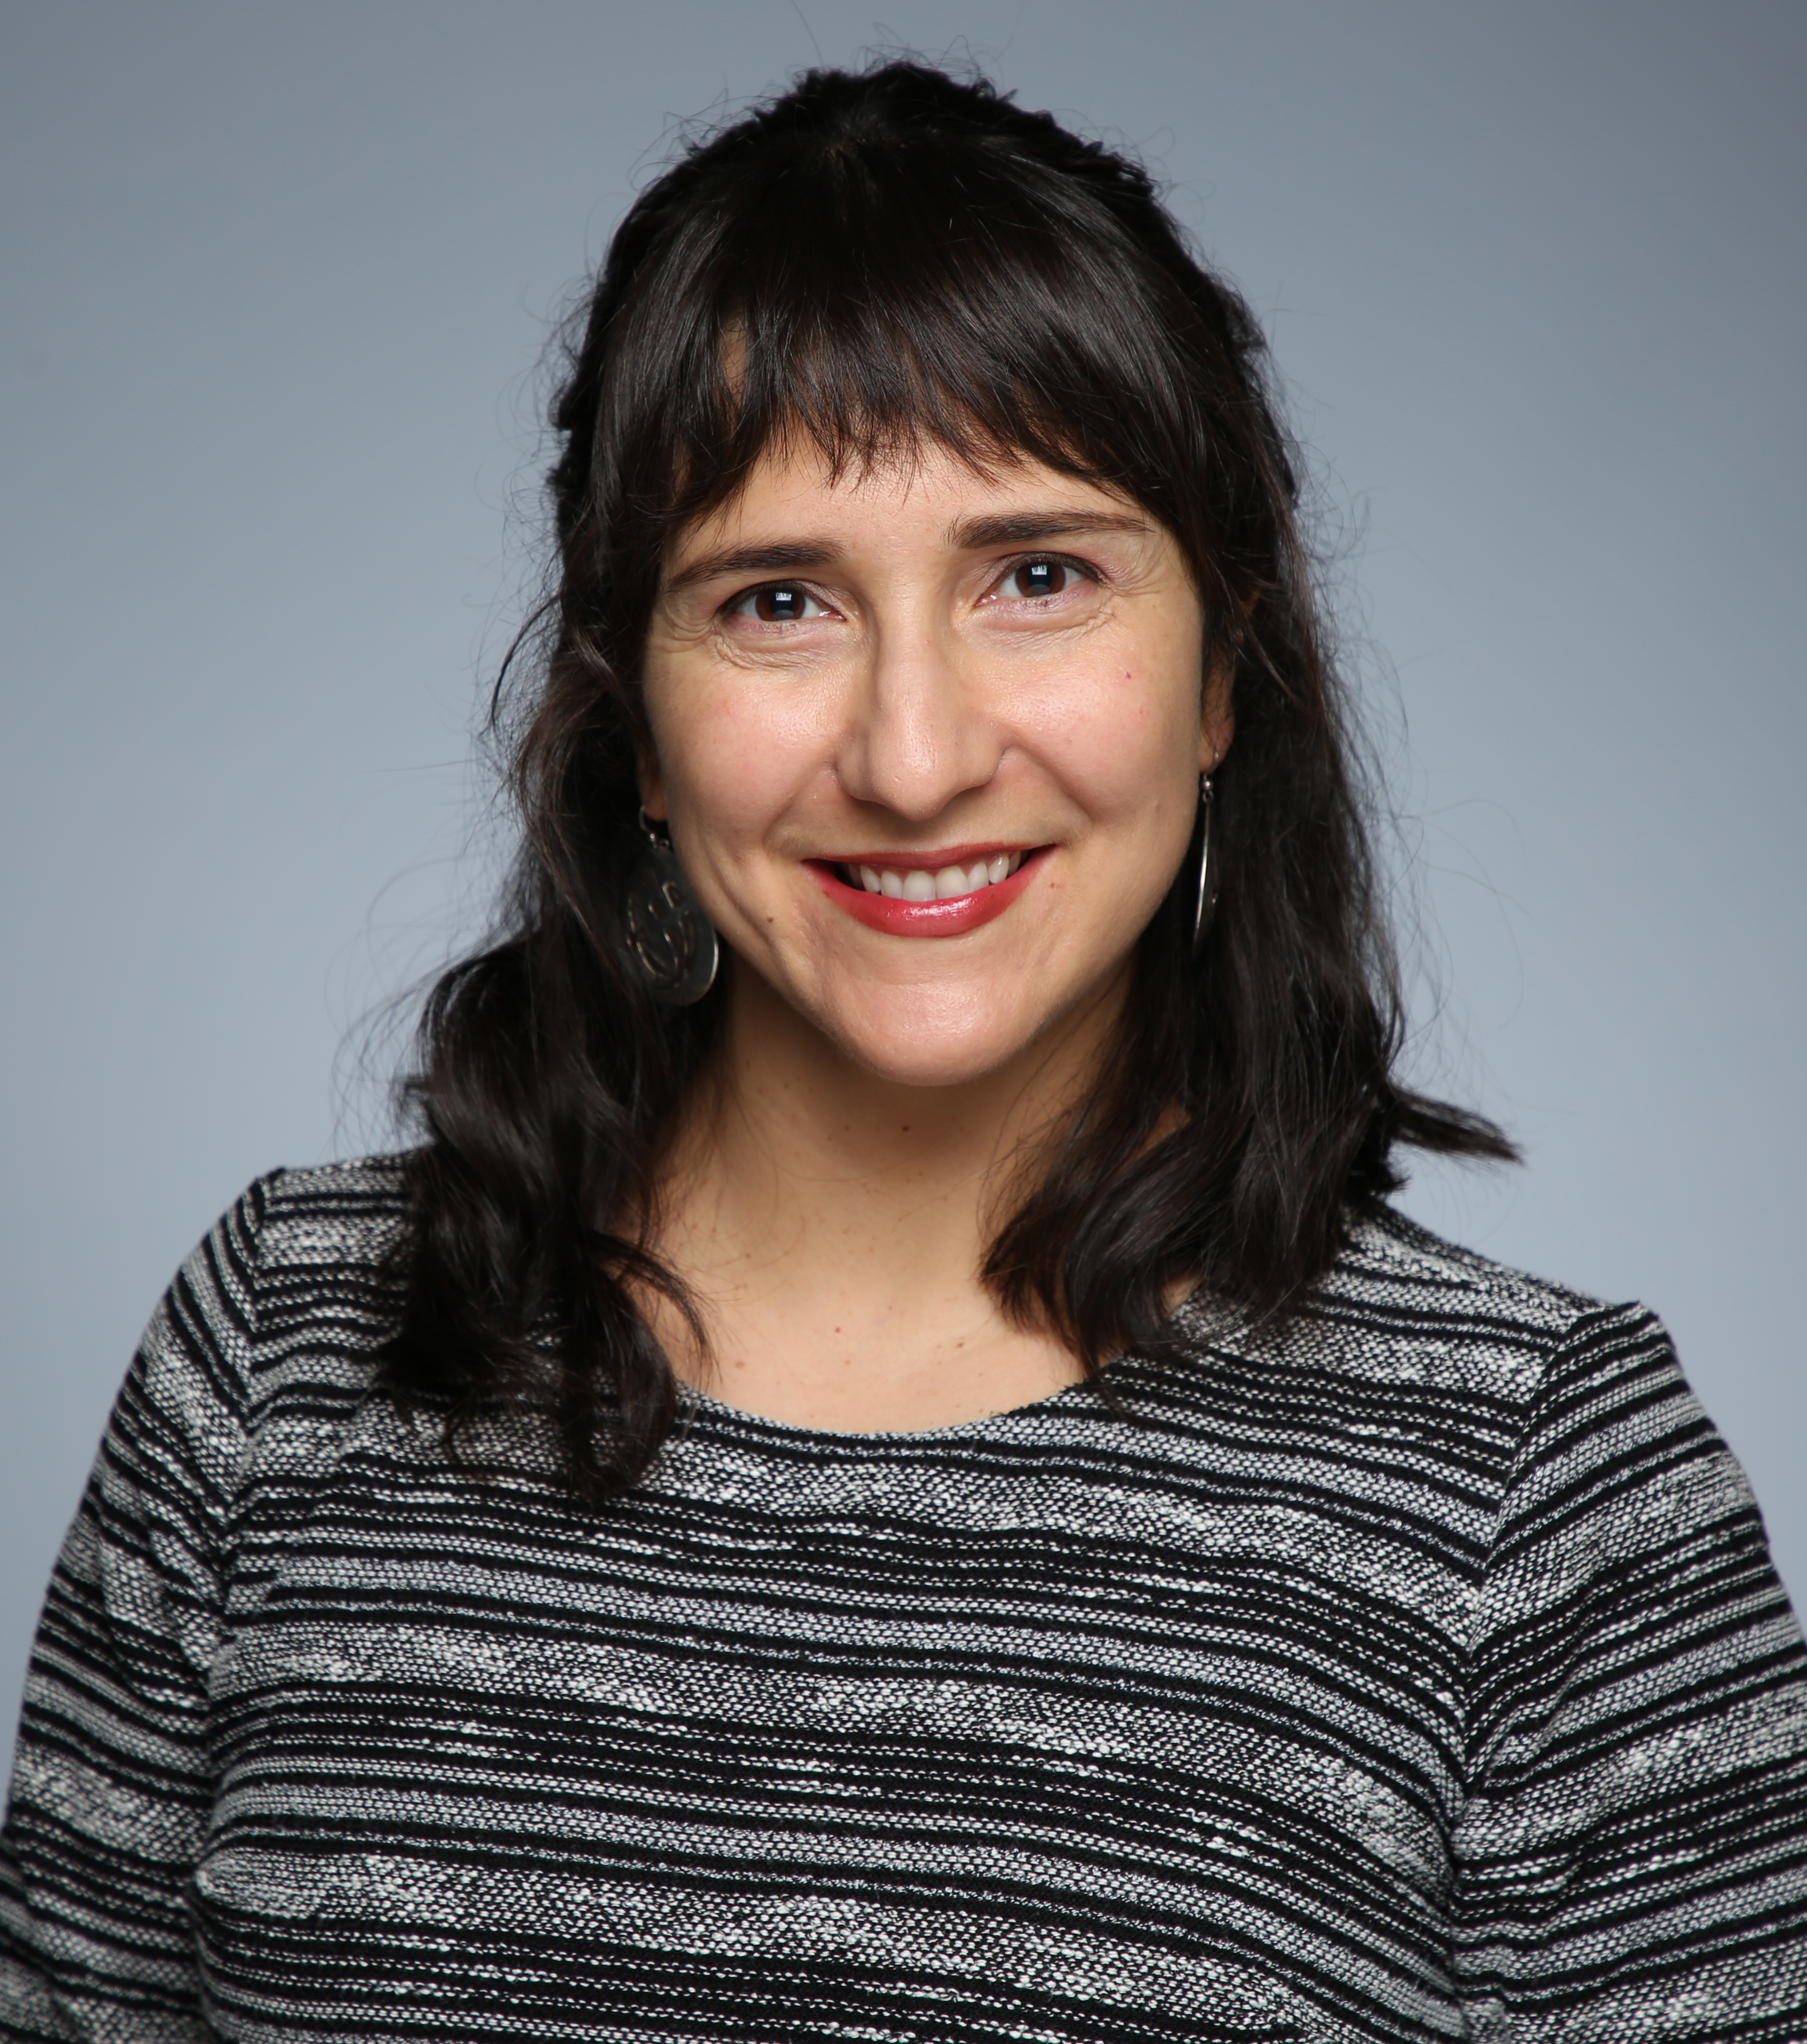 Professor Anna Nogar